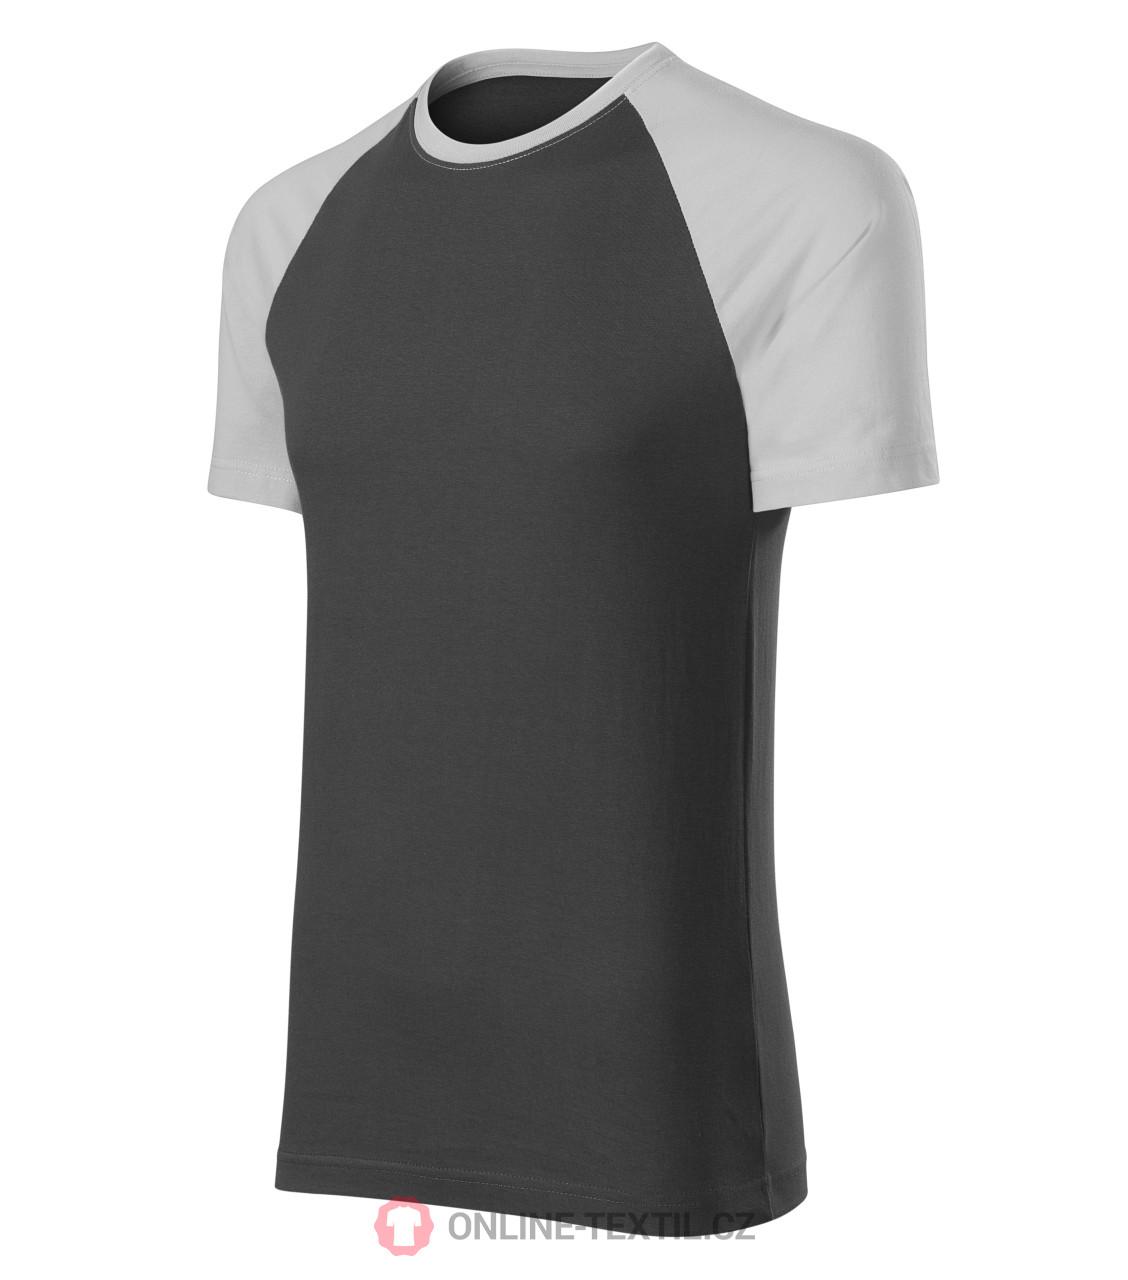 527921575fdb ADLER CZECH Dvoubarevné tričko Duo unisex 1L3 - ledově šedá z ...